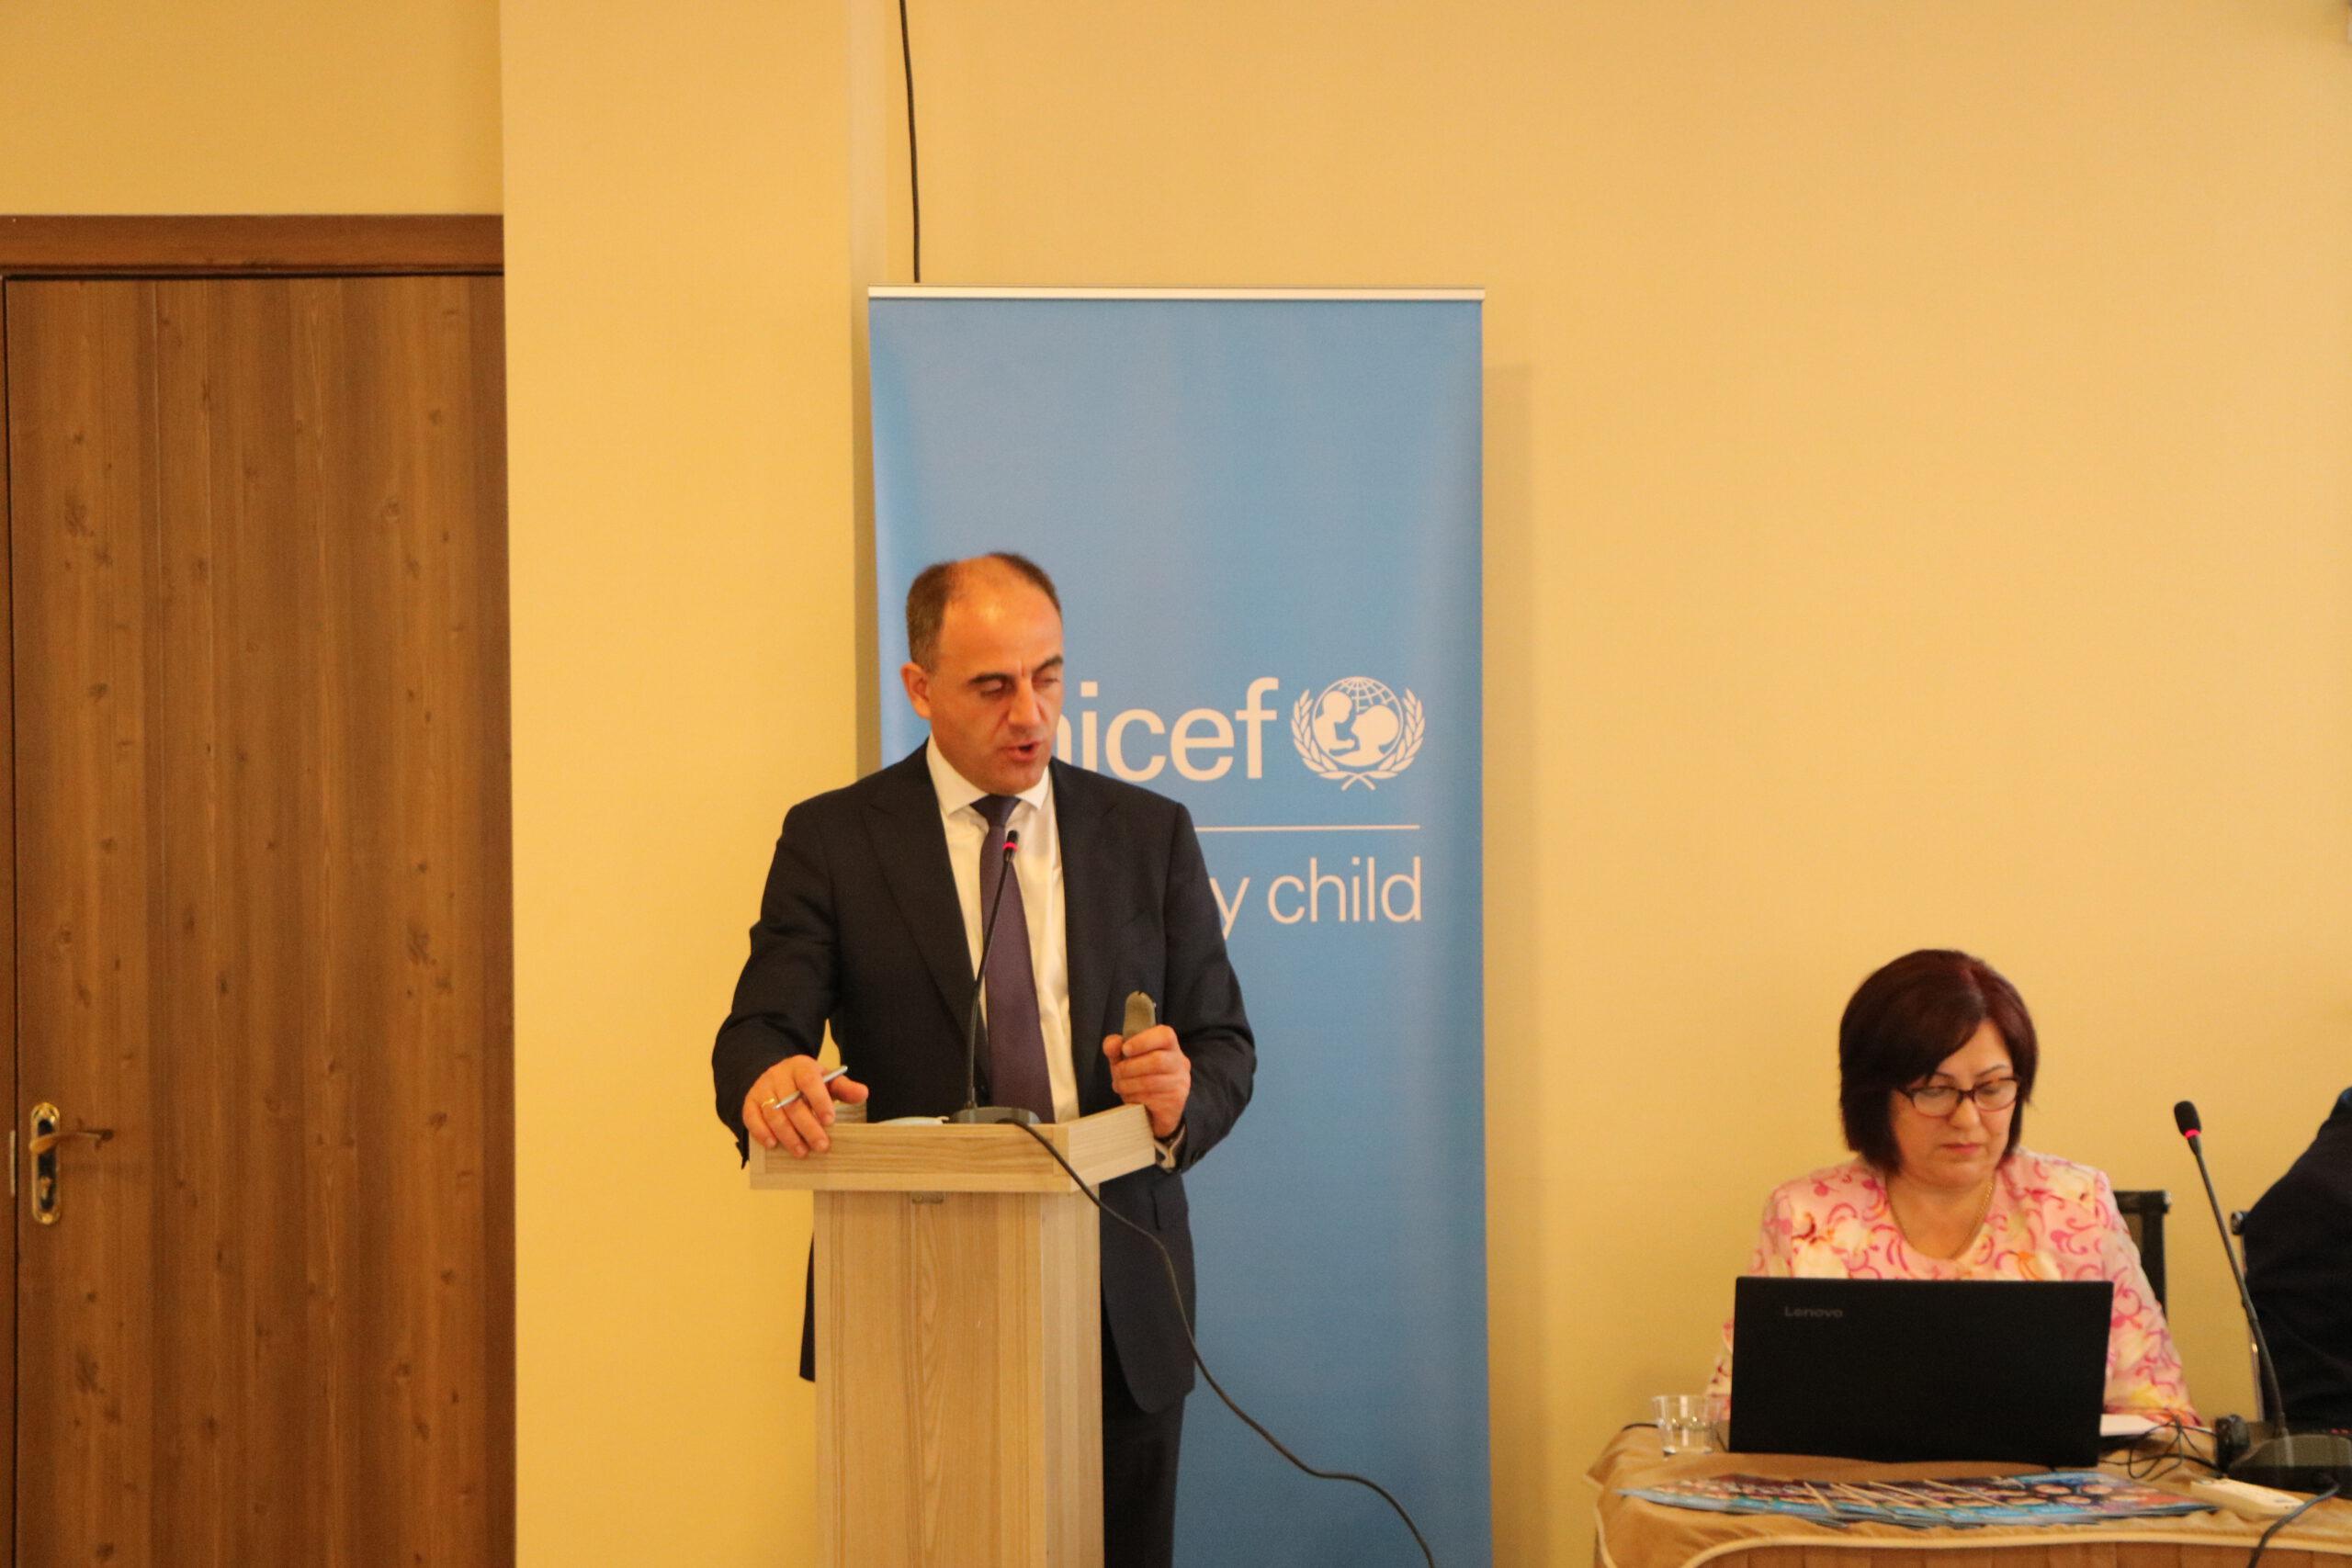 დავით ნარმანია  საერთაშორისო სამეცნიერო კონფერენციაზე მოხსენებით წარდგა